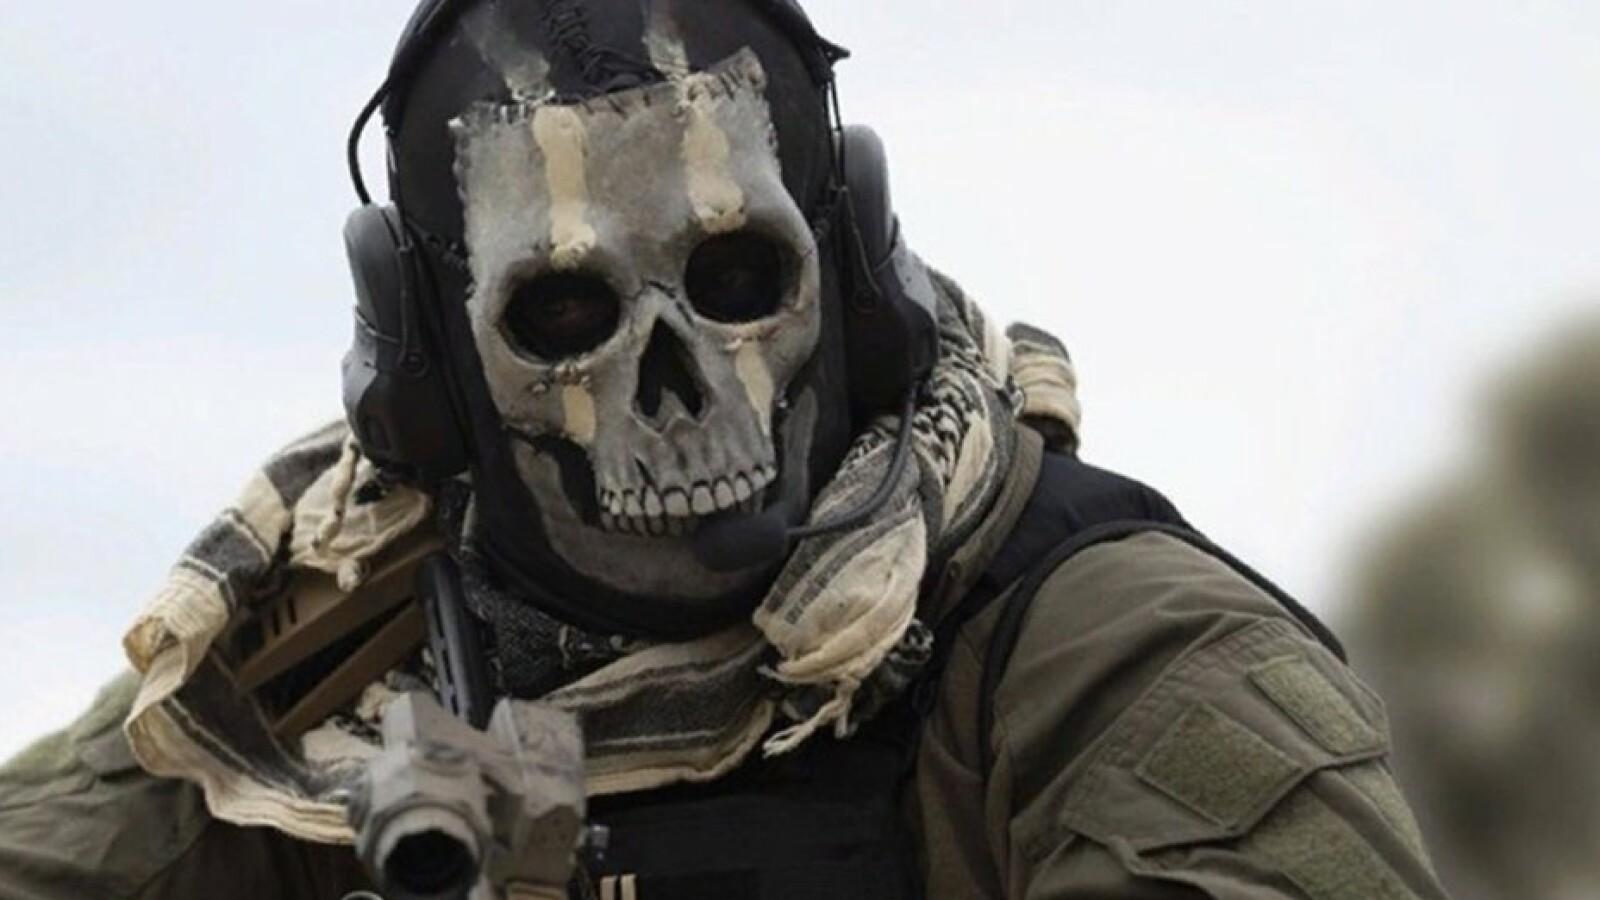 Call of Duty Modern Warfare wohl down: Probleme beim Login und Online-Spielen - NETZWELT